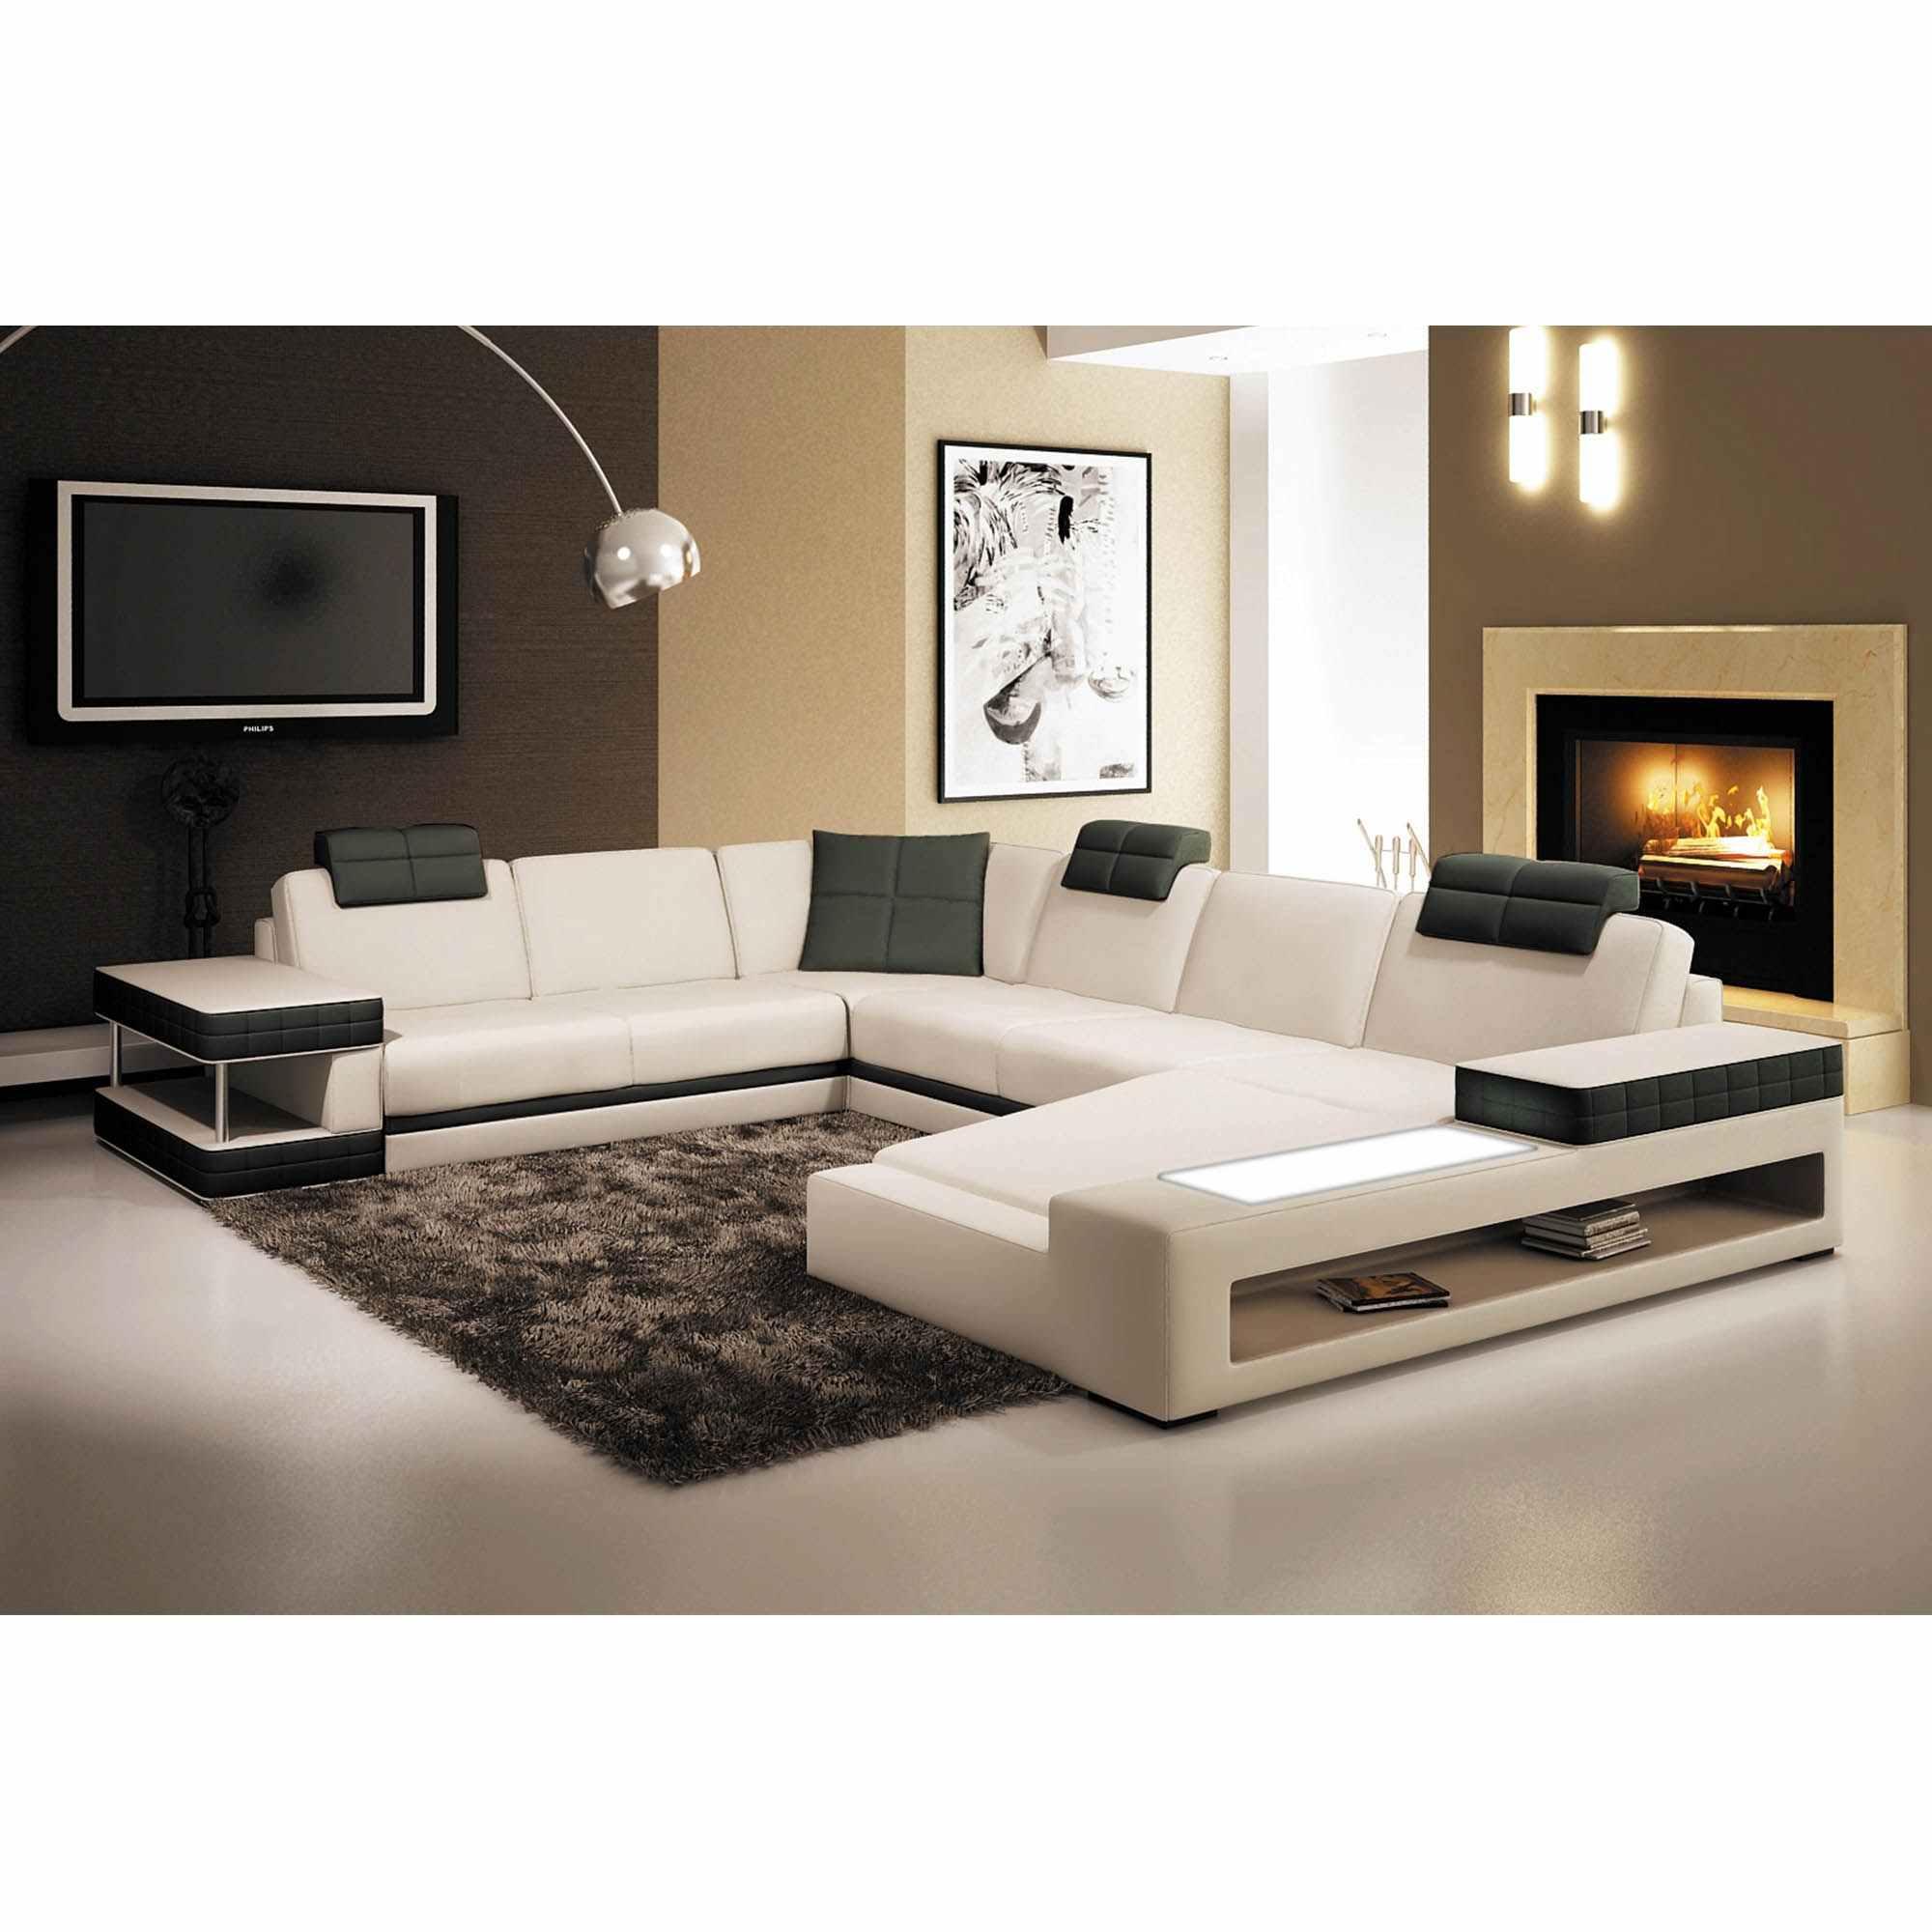 Canapé D'angle Panoramique En Cuir Blanc Et Noir Marcus - Angle Droite destiné Canapé Blanc Et Noir